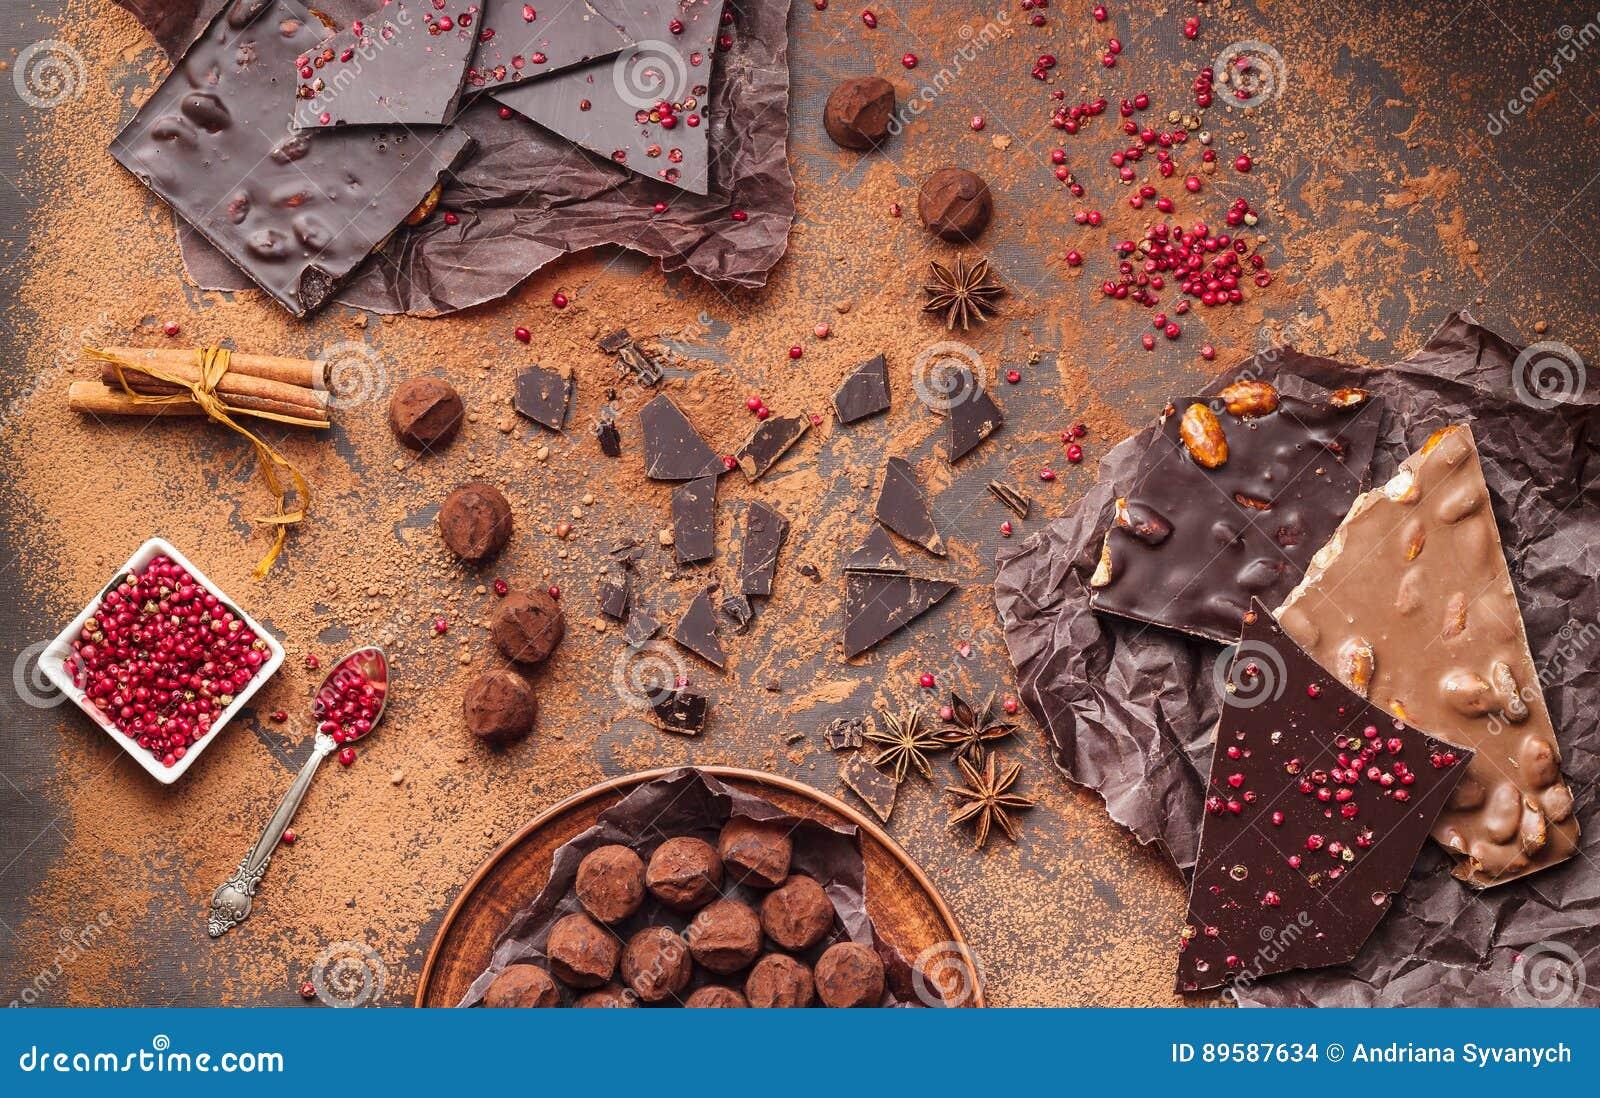 Zusammenstellung von Schokoriegeln, von Trüffeln, von Gewürzen und von Kakaopulver